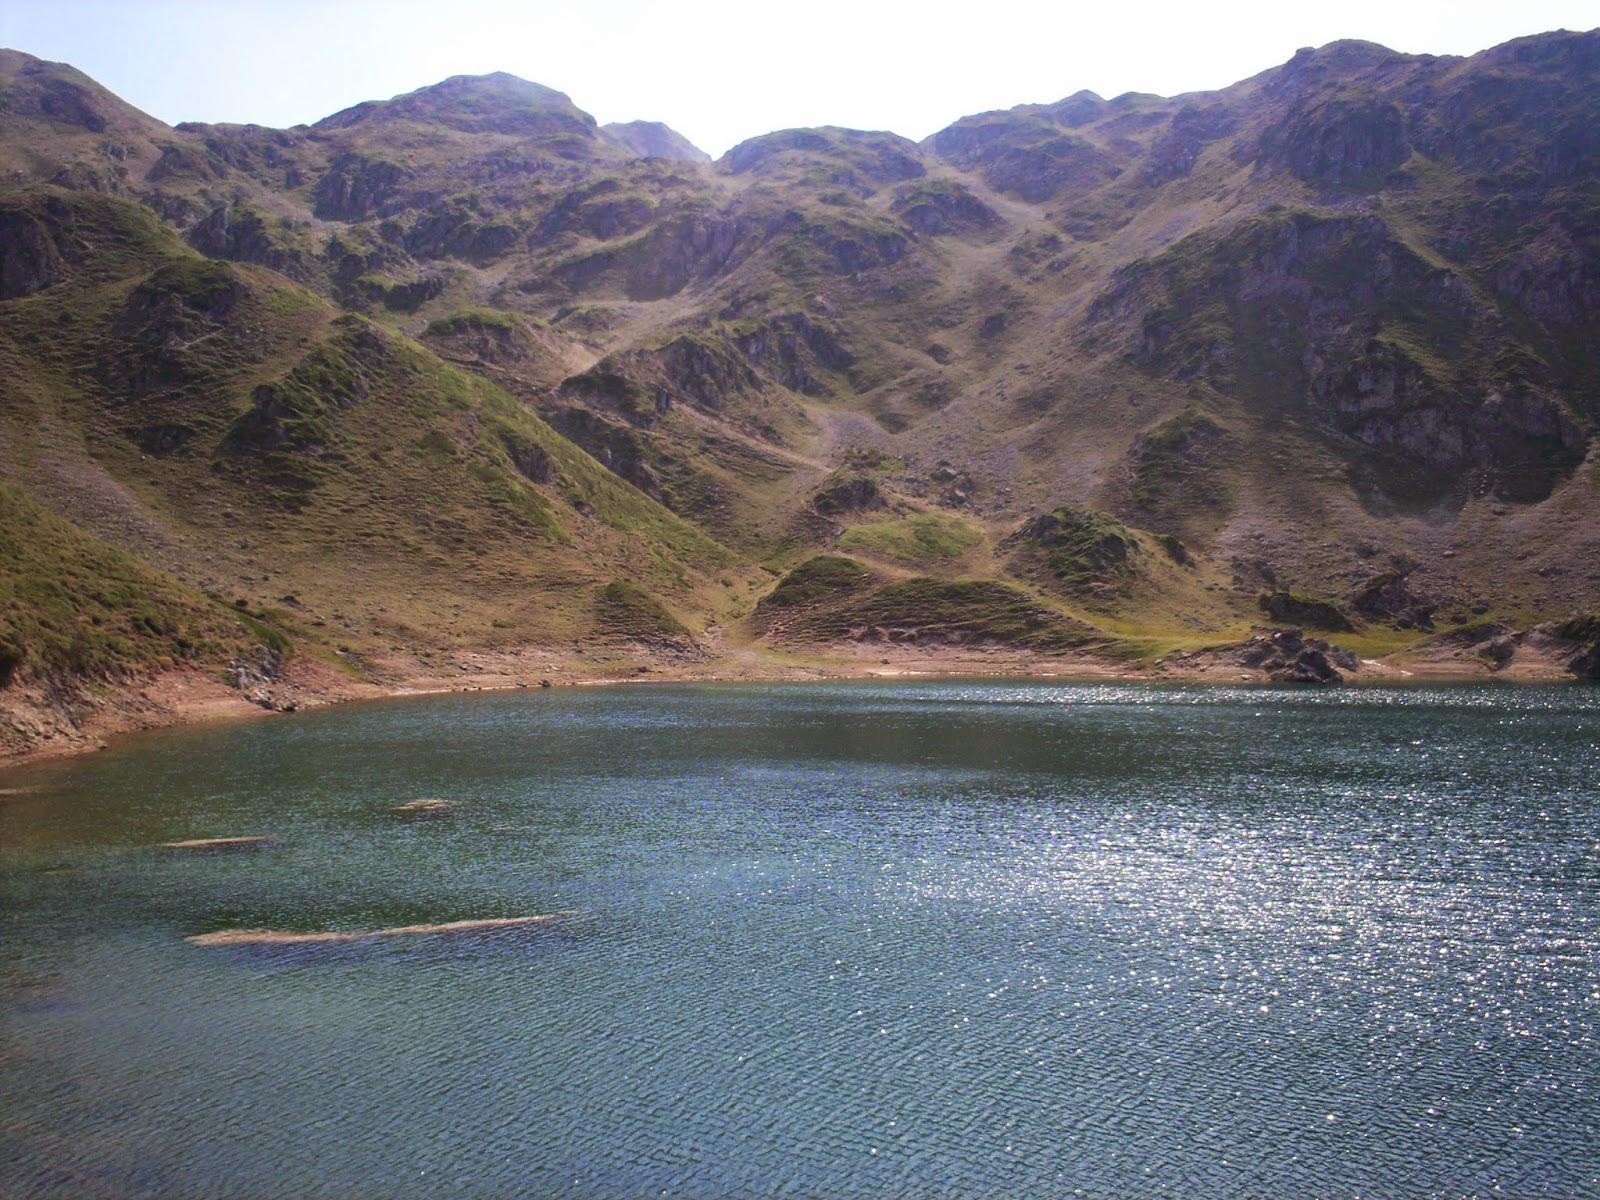 Lago Calabazosa con el pico del mismo nombre al fondo.